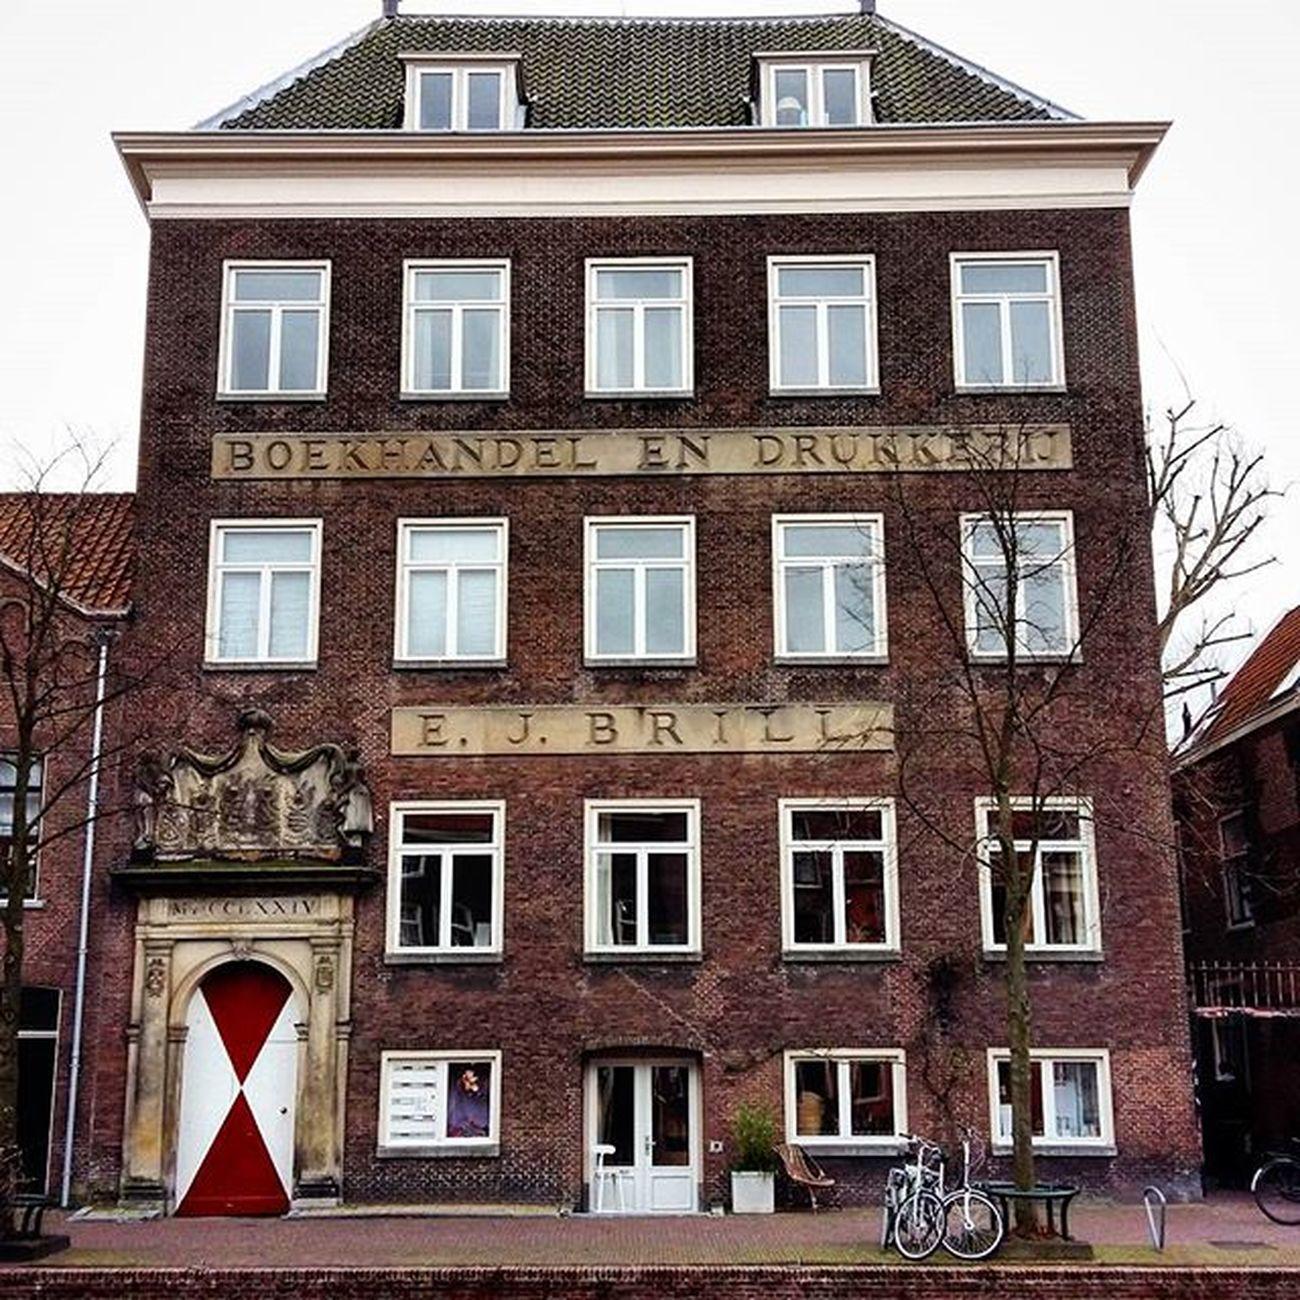 Boekhandel en Drukkerij E.J. Brill Oude Rijn www.erfgoedleiden.nl/component/lei_verhalen/verhaal/id/222 Loveleiden Igleiden OnsLeiden Historicleiden Leiden